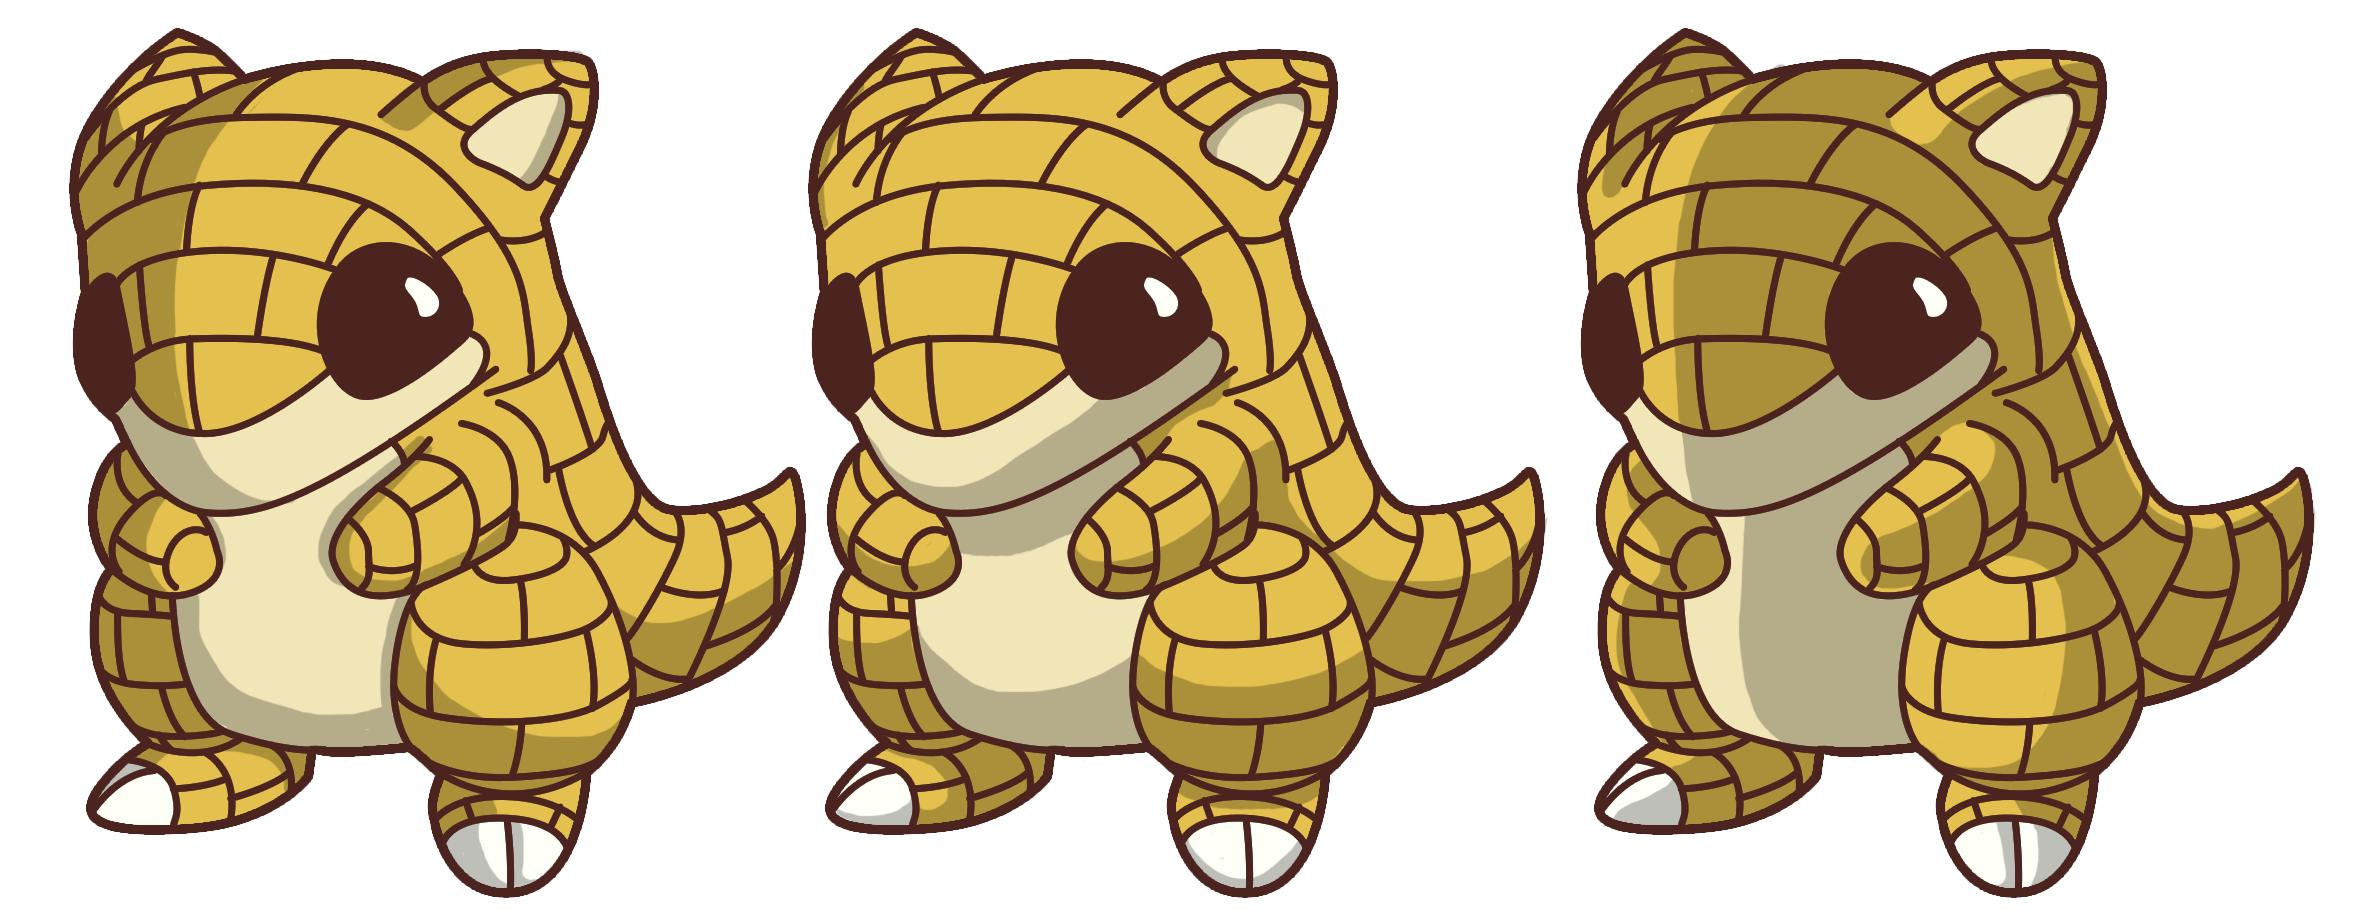 Pokemon 27 Sandshrew 256306624